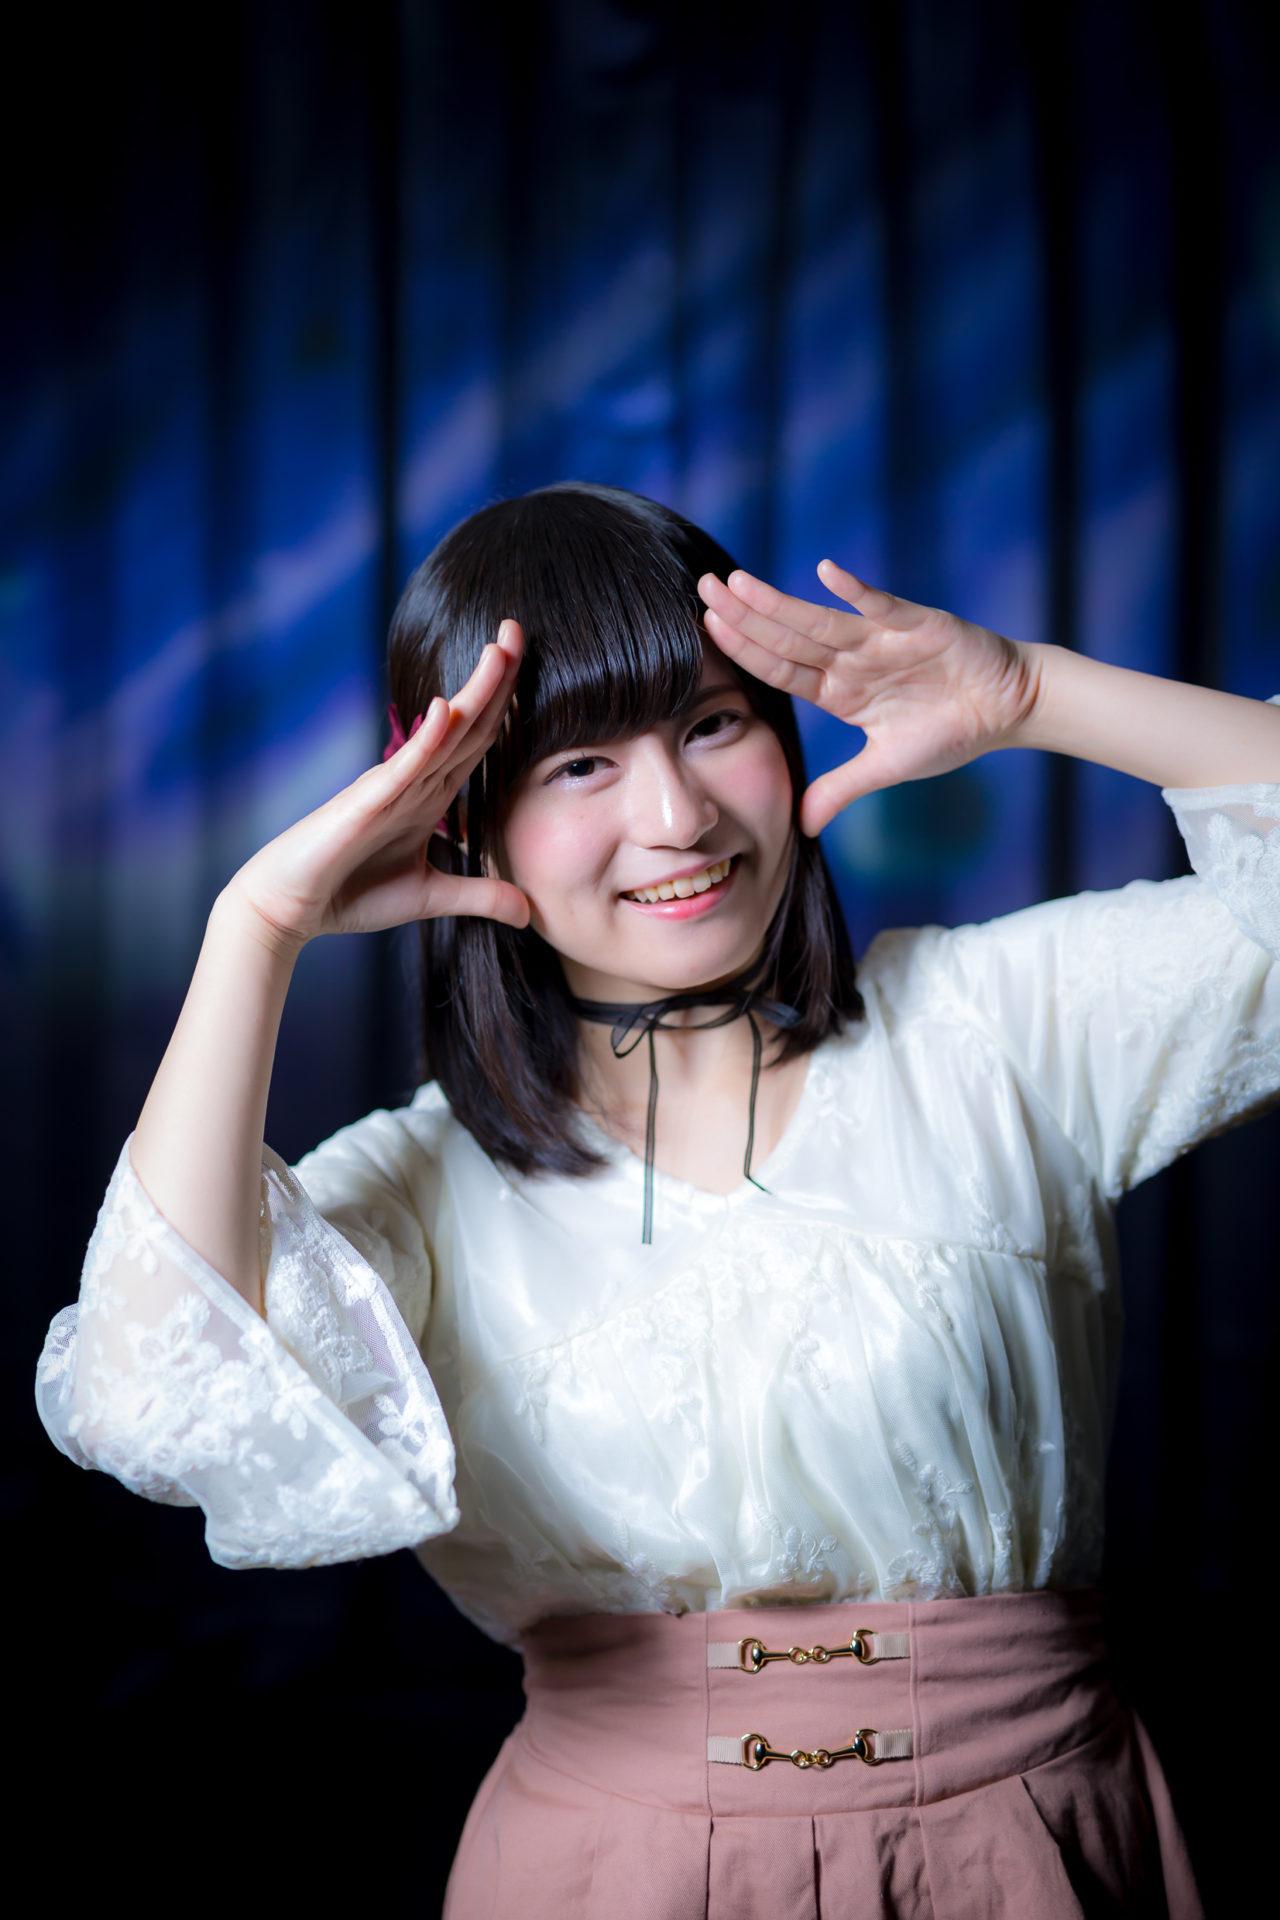 2代目HAPPY少女♪ あゆみ ( 新谷亜由美 ) | モデルプロ事務所撮影会